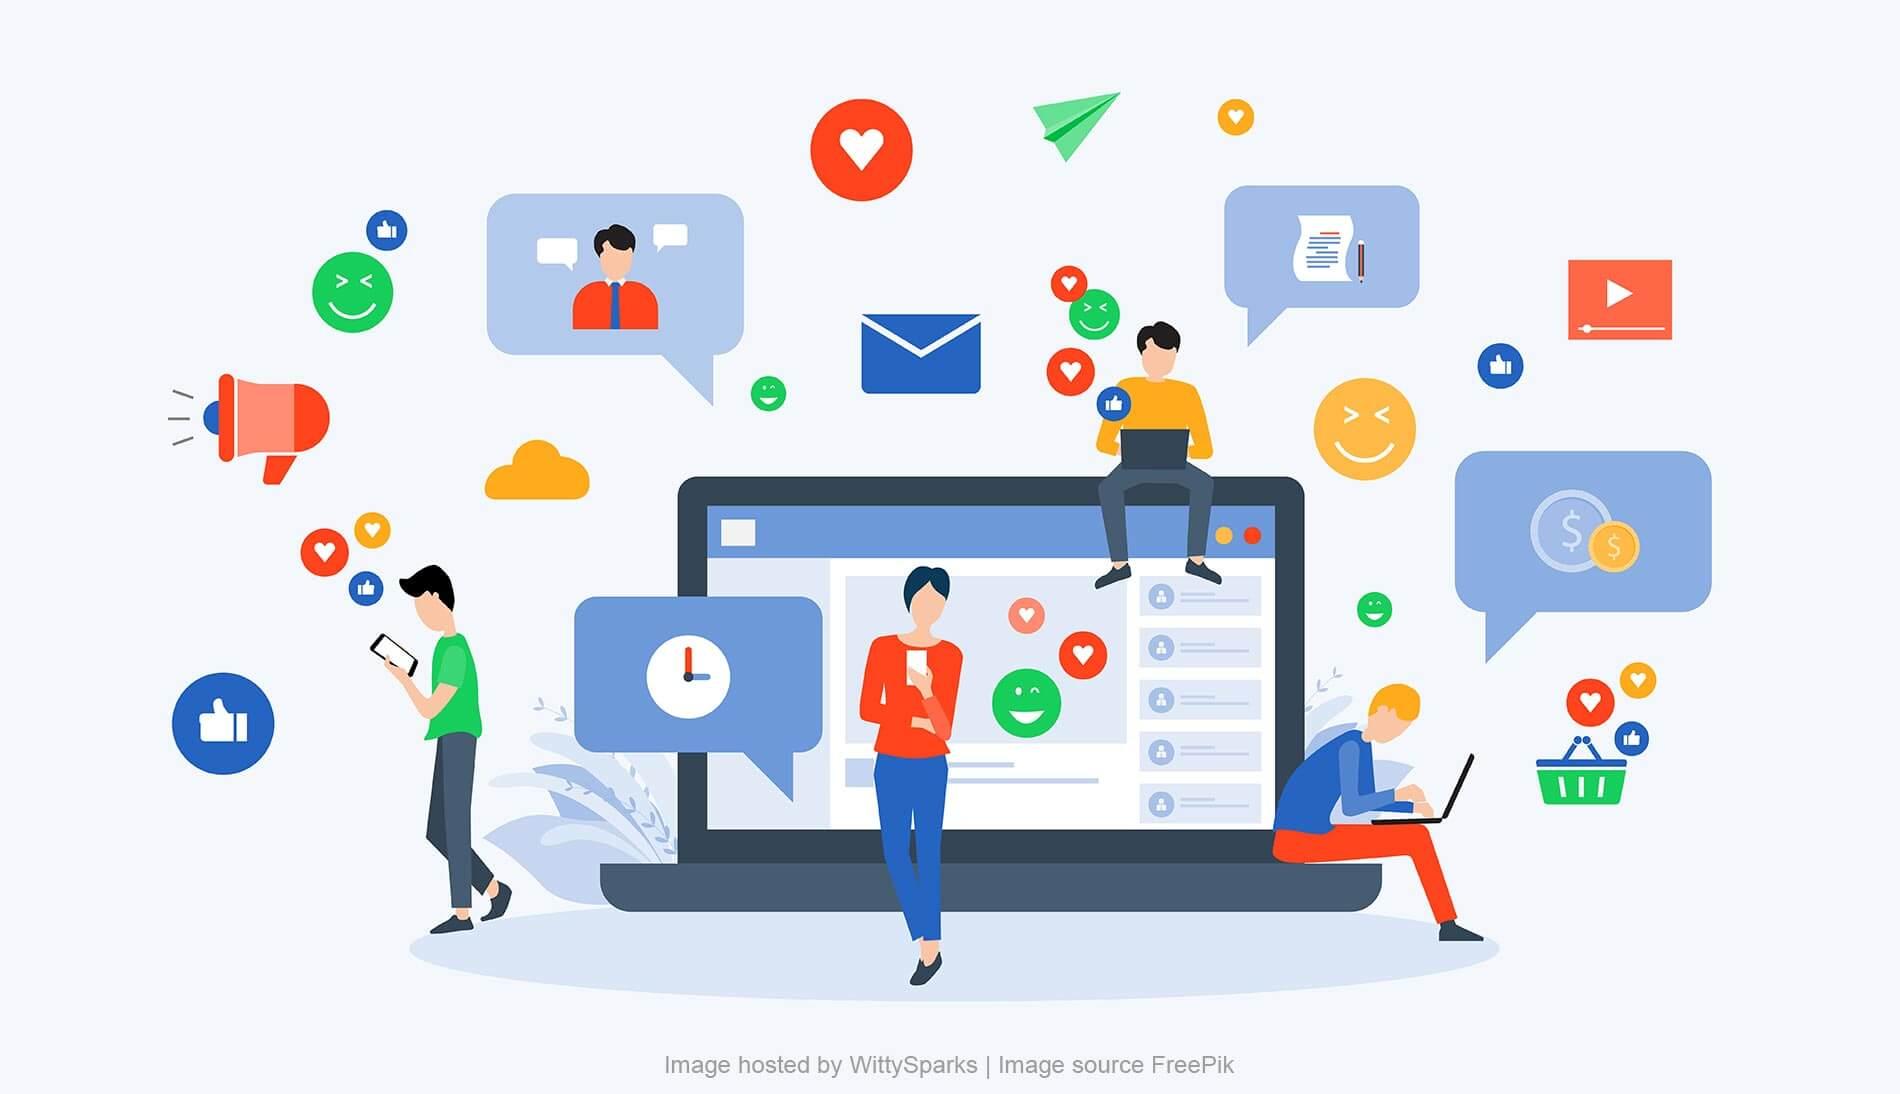 digital marketing career growth - social media marketing